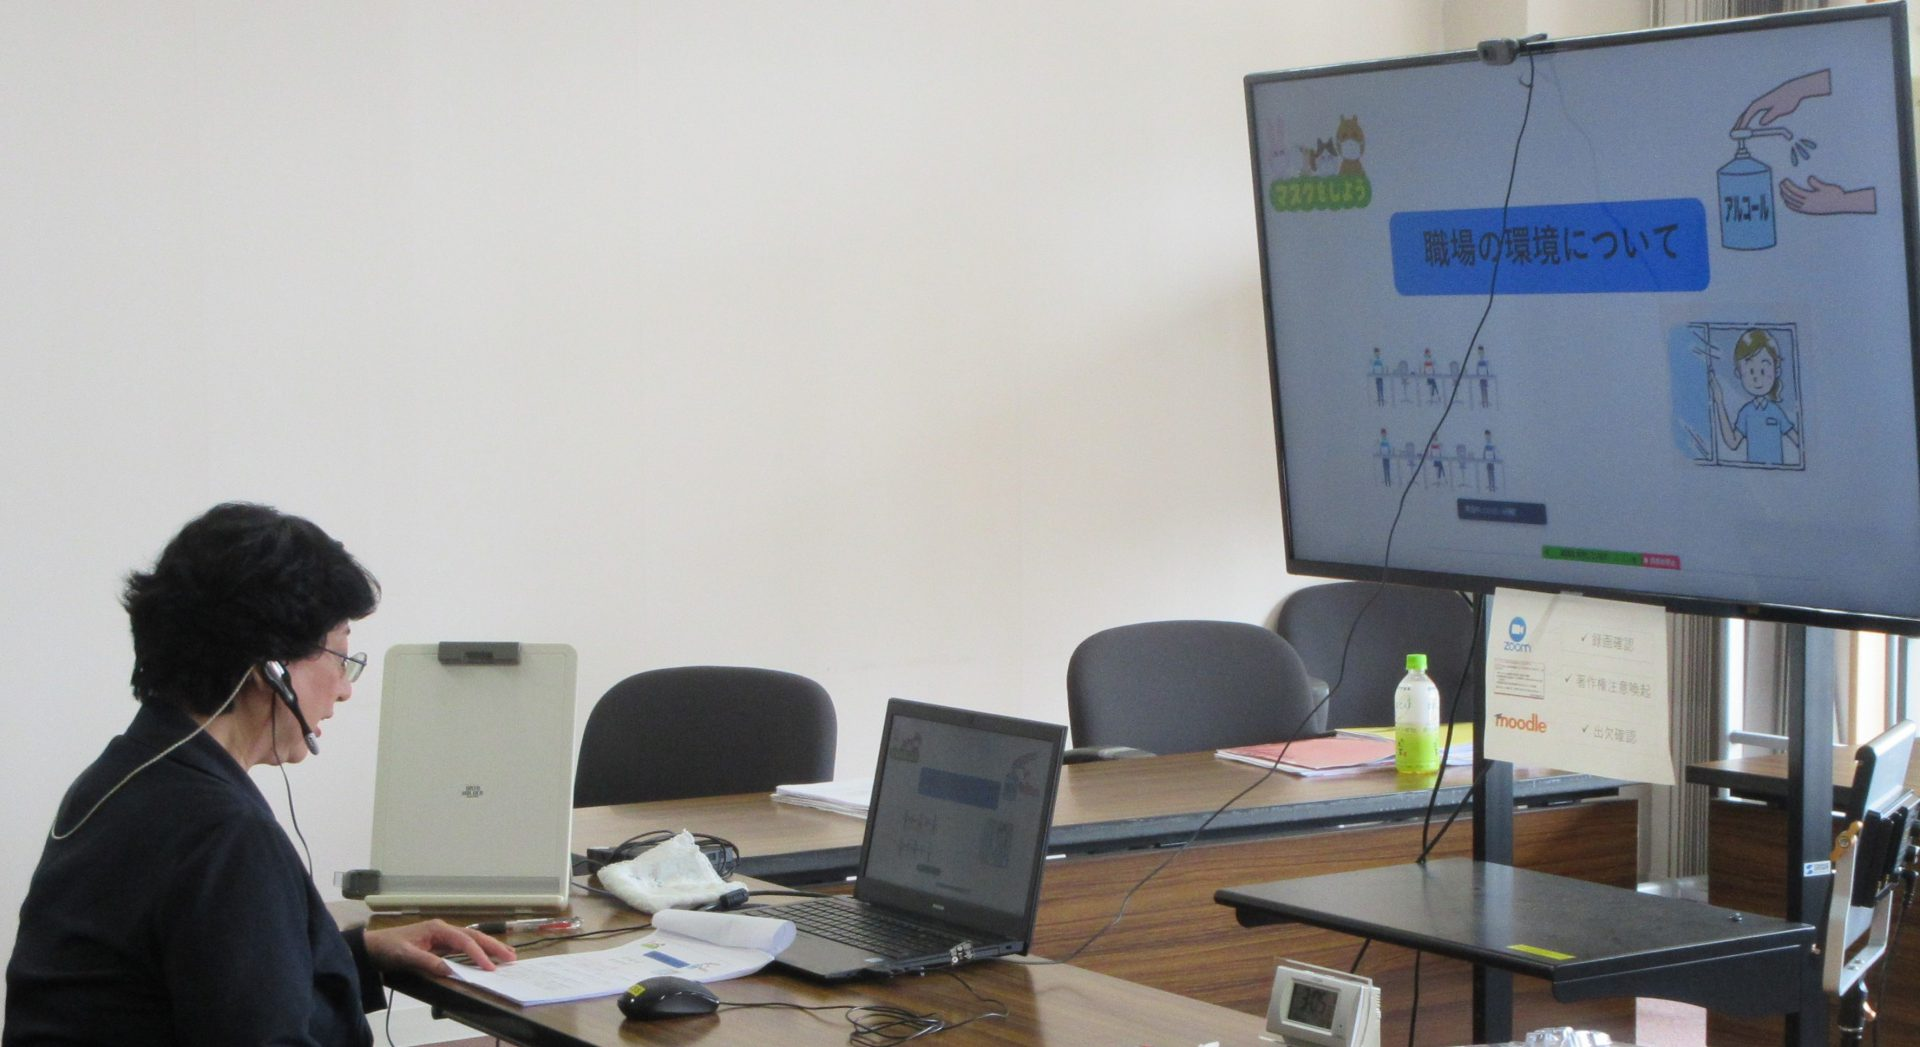 【専門職講座】Withコロナ時代におけるICTを活用した訪問看護ステーションの感染予防対策研修会を開催しました